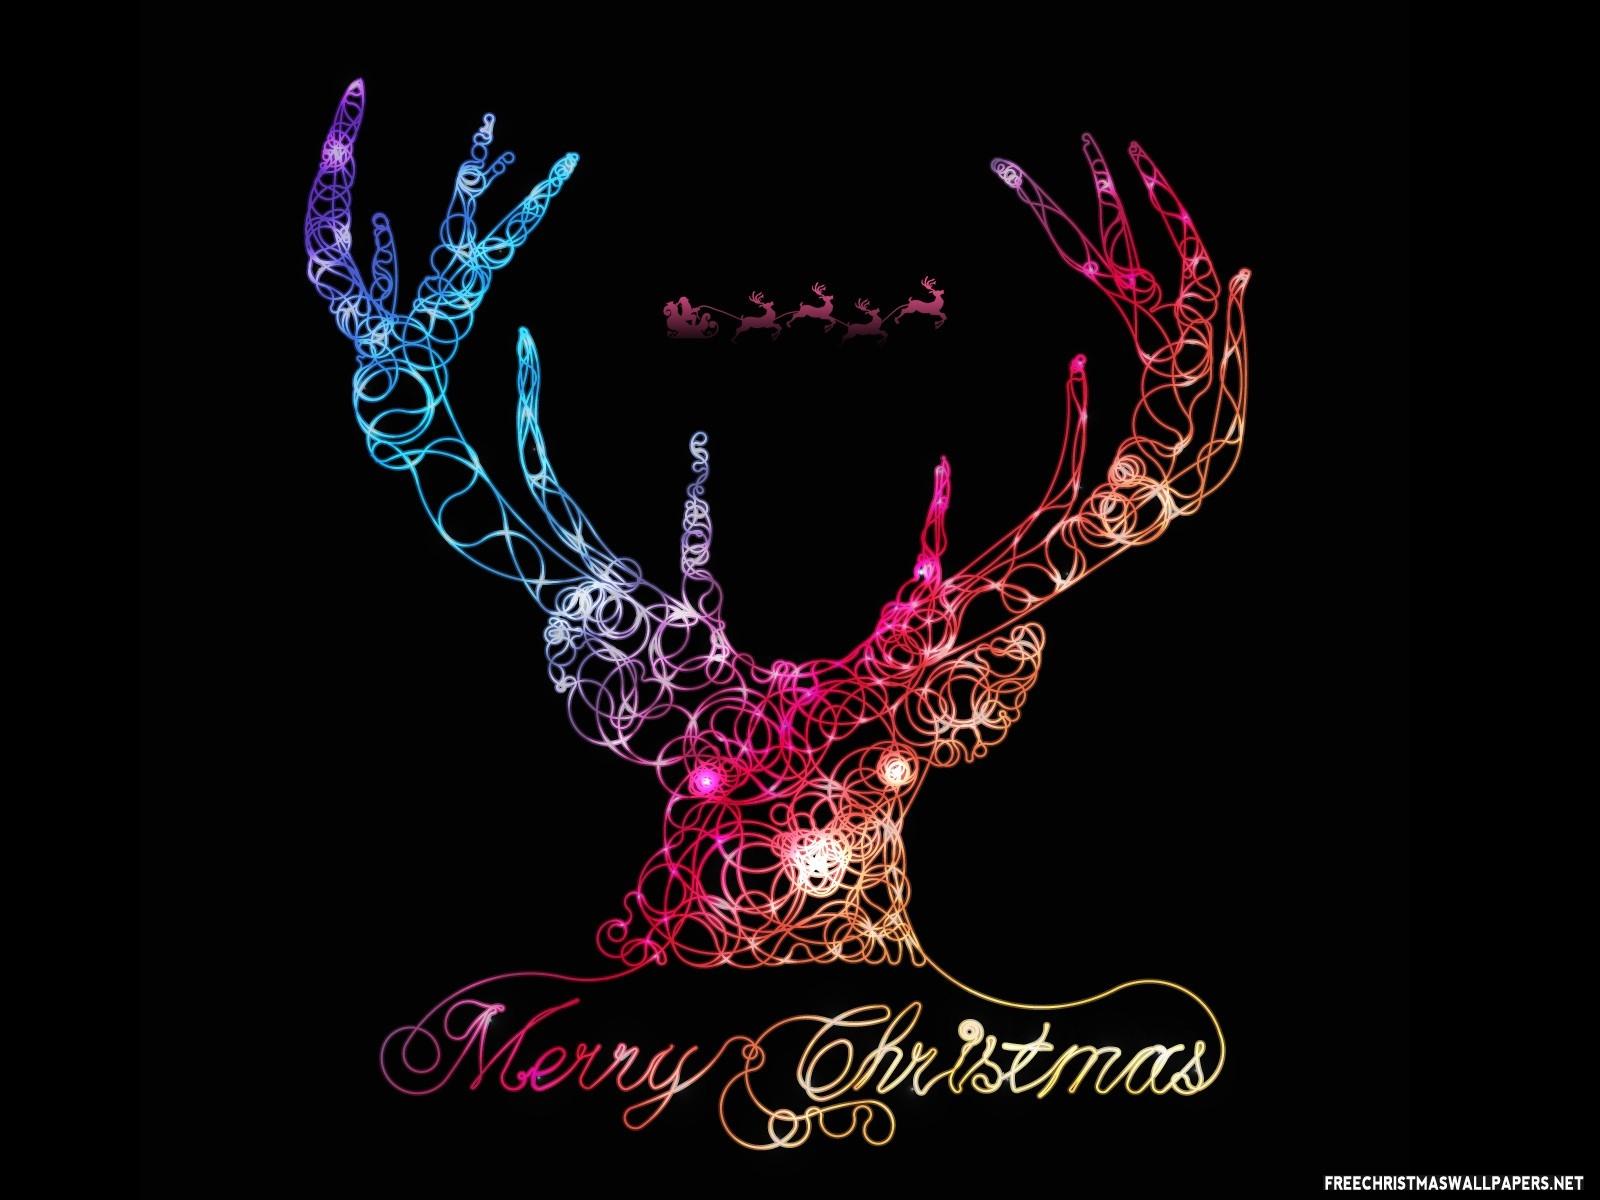 http://4.bp.blogspot.com/-byICw0wSAGI/TuaIhnNBo_I/AAAAAAAADgc/Pu0YY7J0kOg/s1600-d/Merry.Christmas.8.jpg